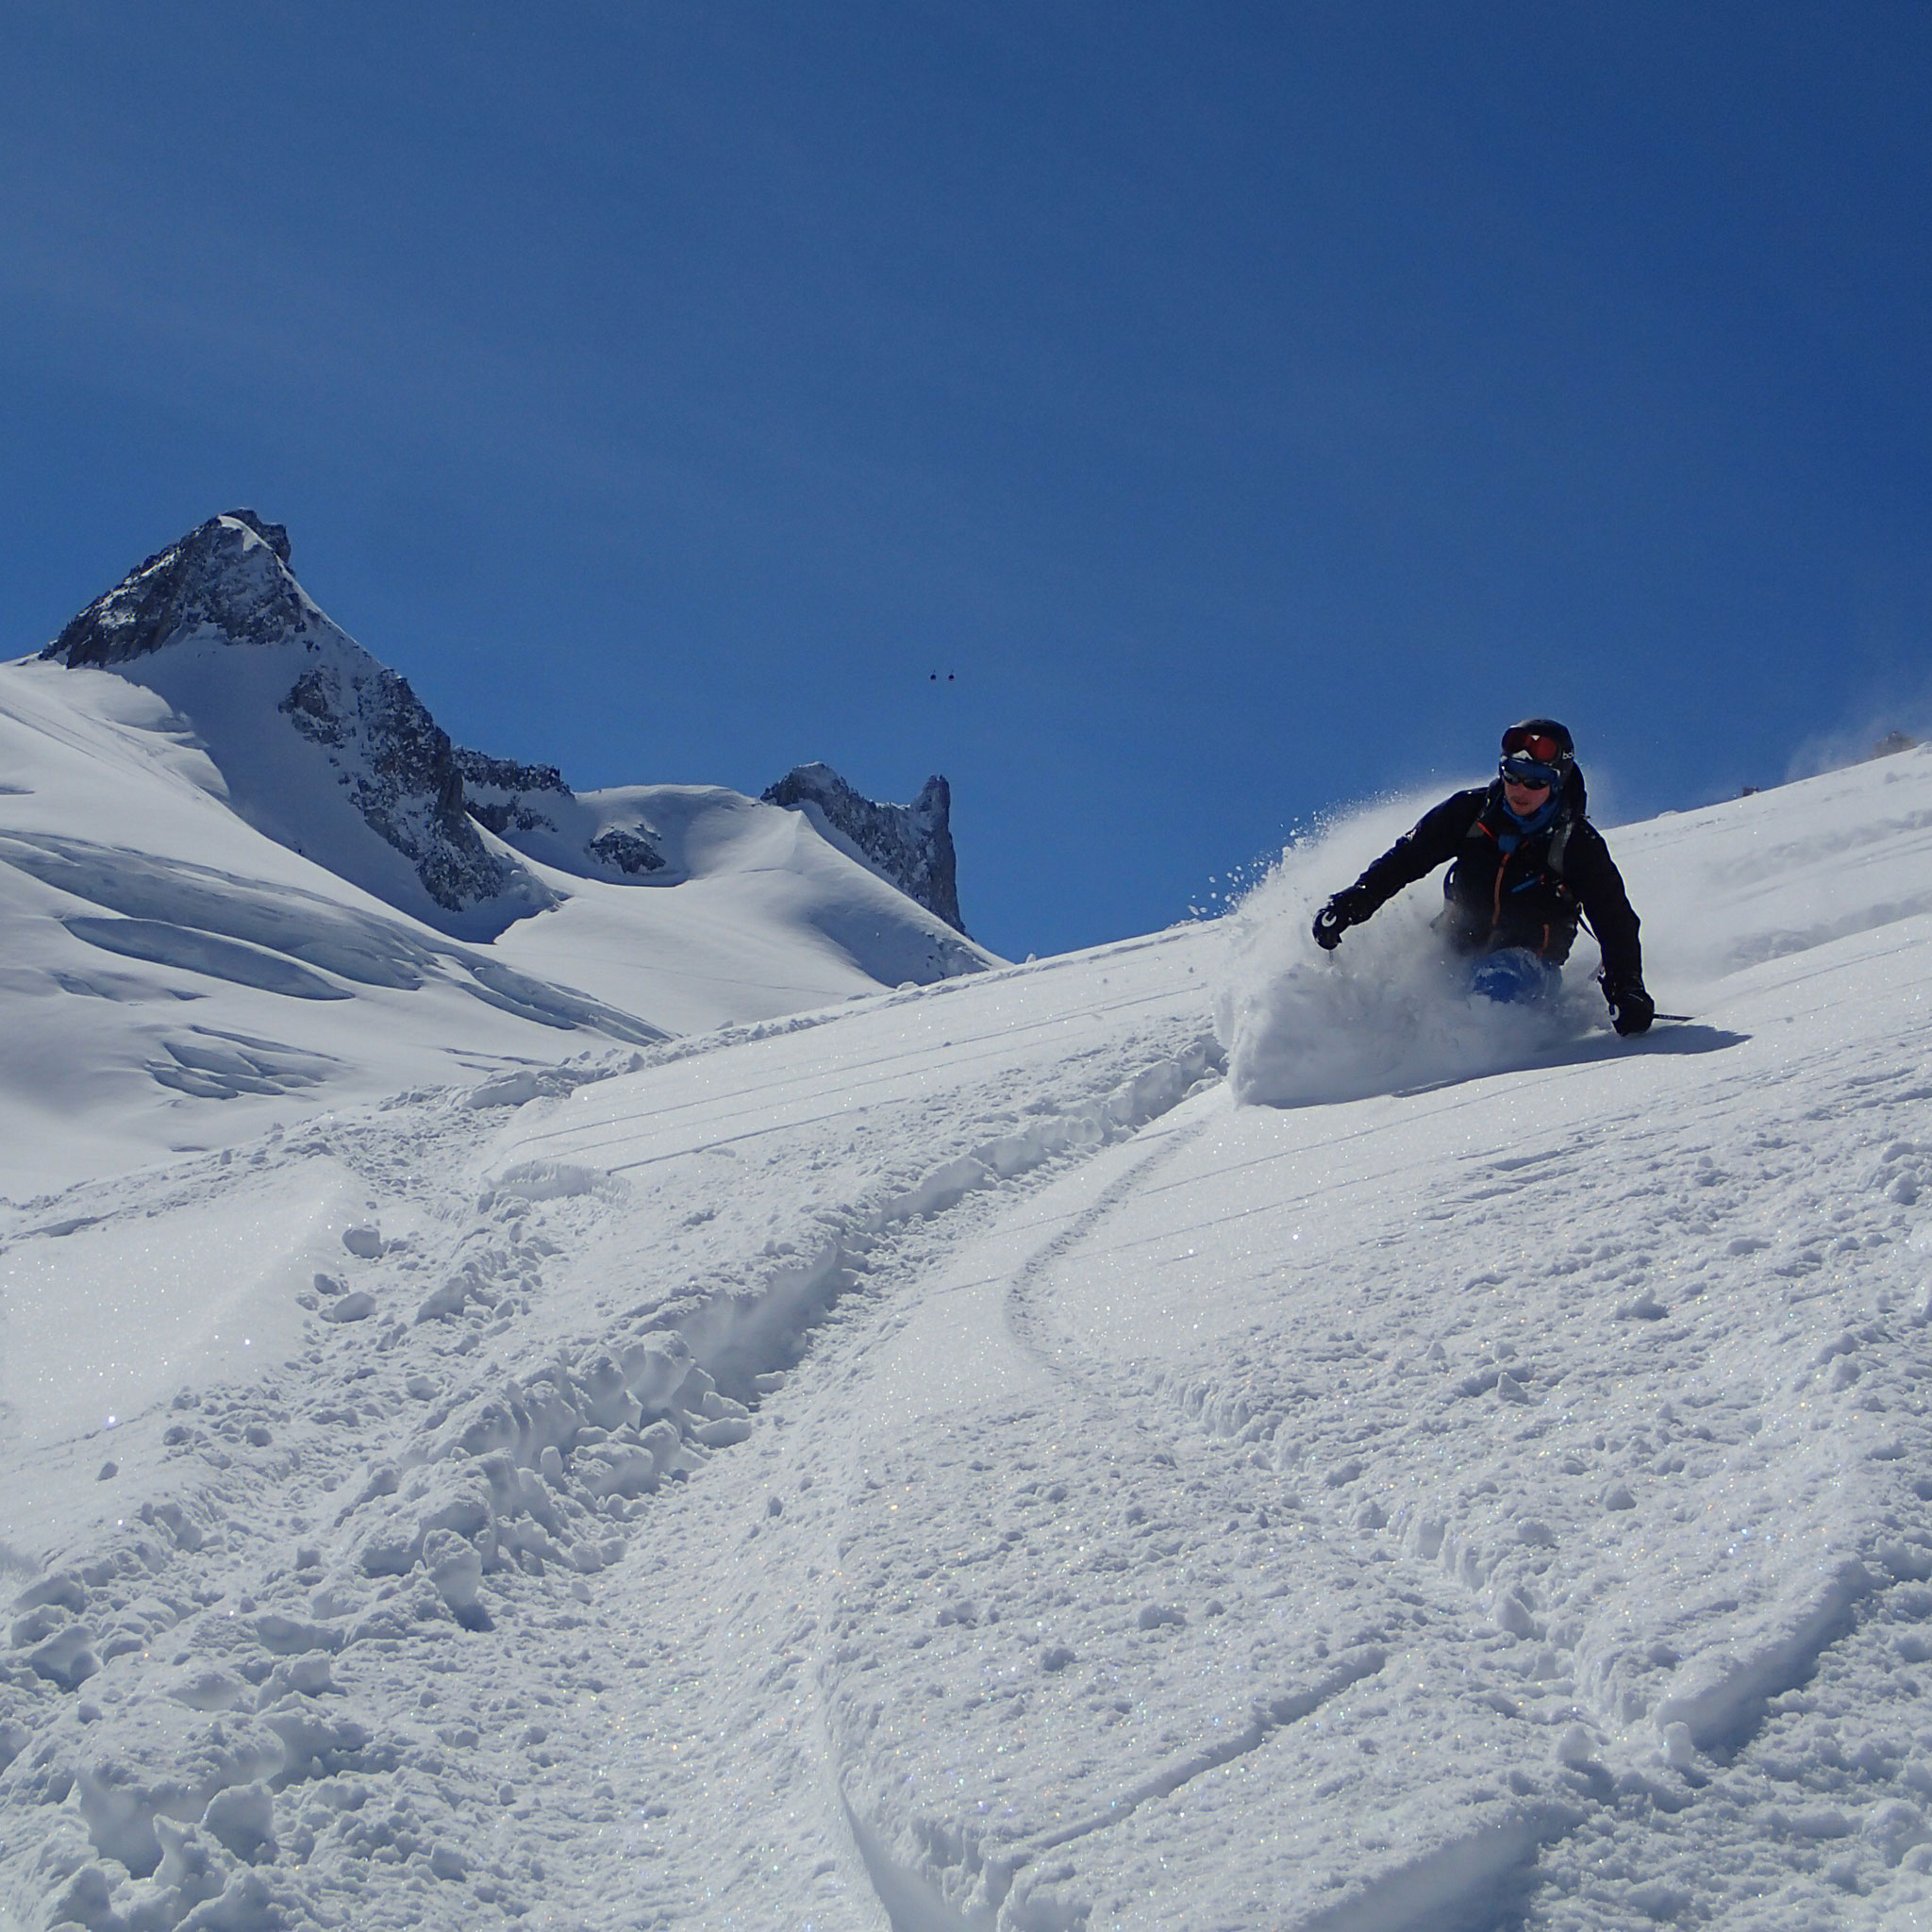 Pff ... De la profonde neige !!!!! Fantastique !!